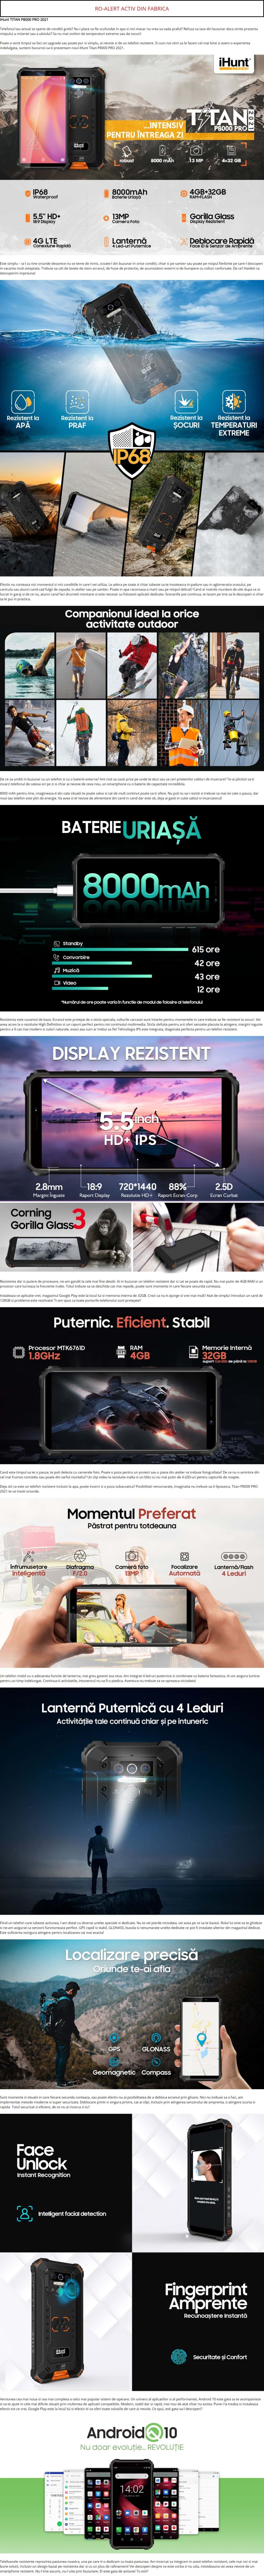 iHunt-Titan-P8000-Pro-202149a7190d455ca0f8.jpg